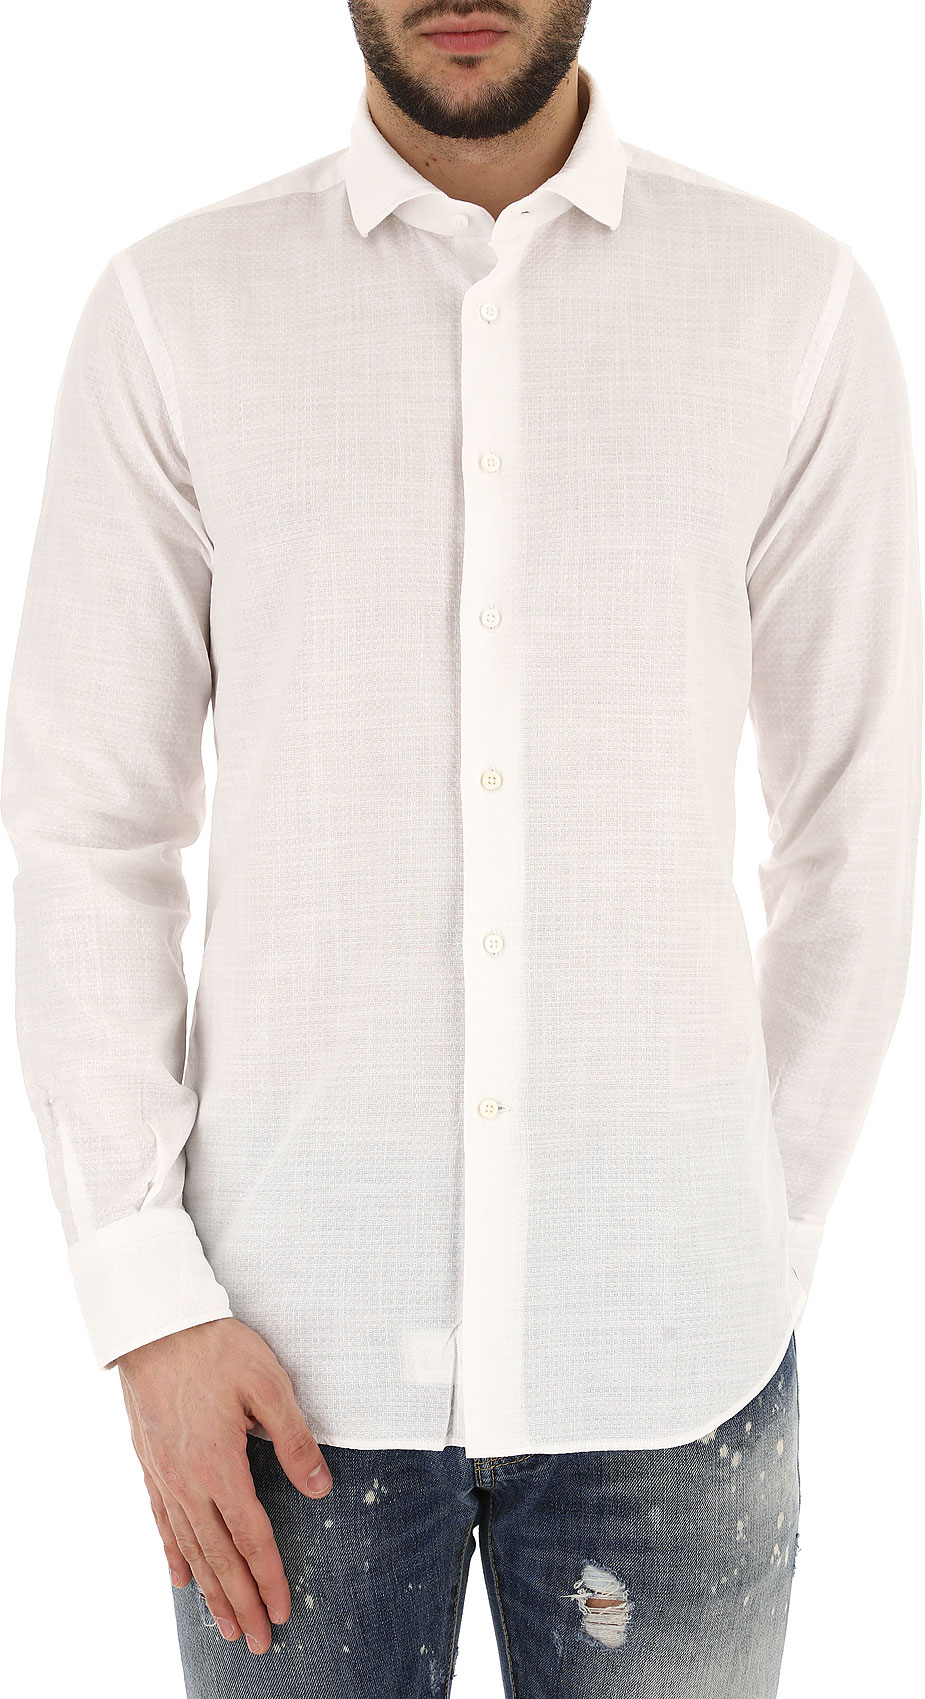 Abbigliamento Uomo Del Siena, Codice Articolo: fd24-234230-001